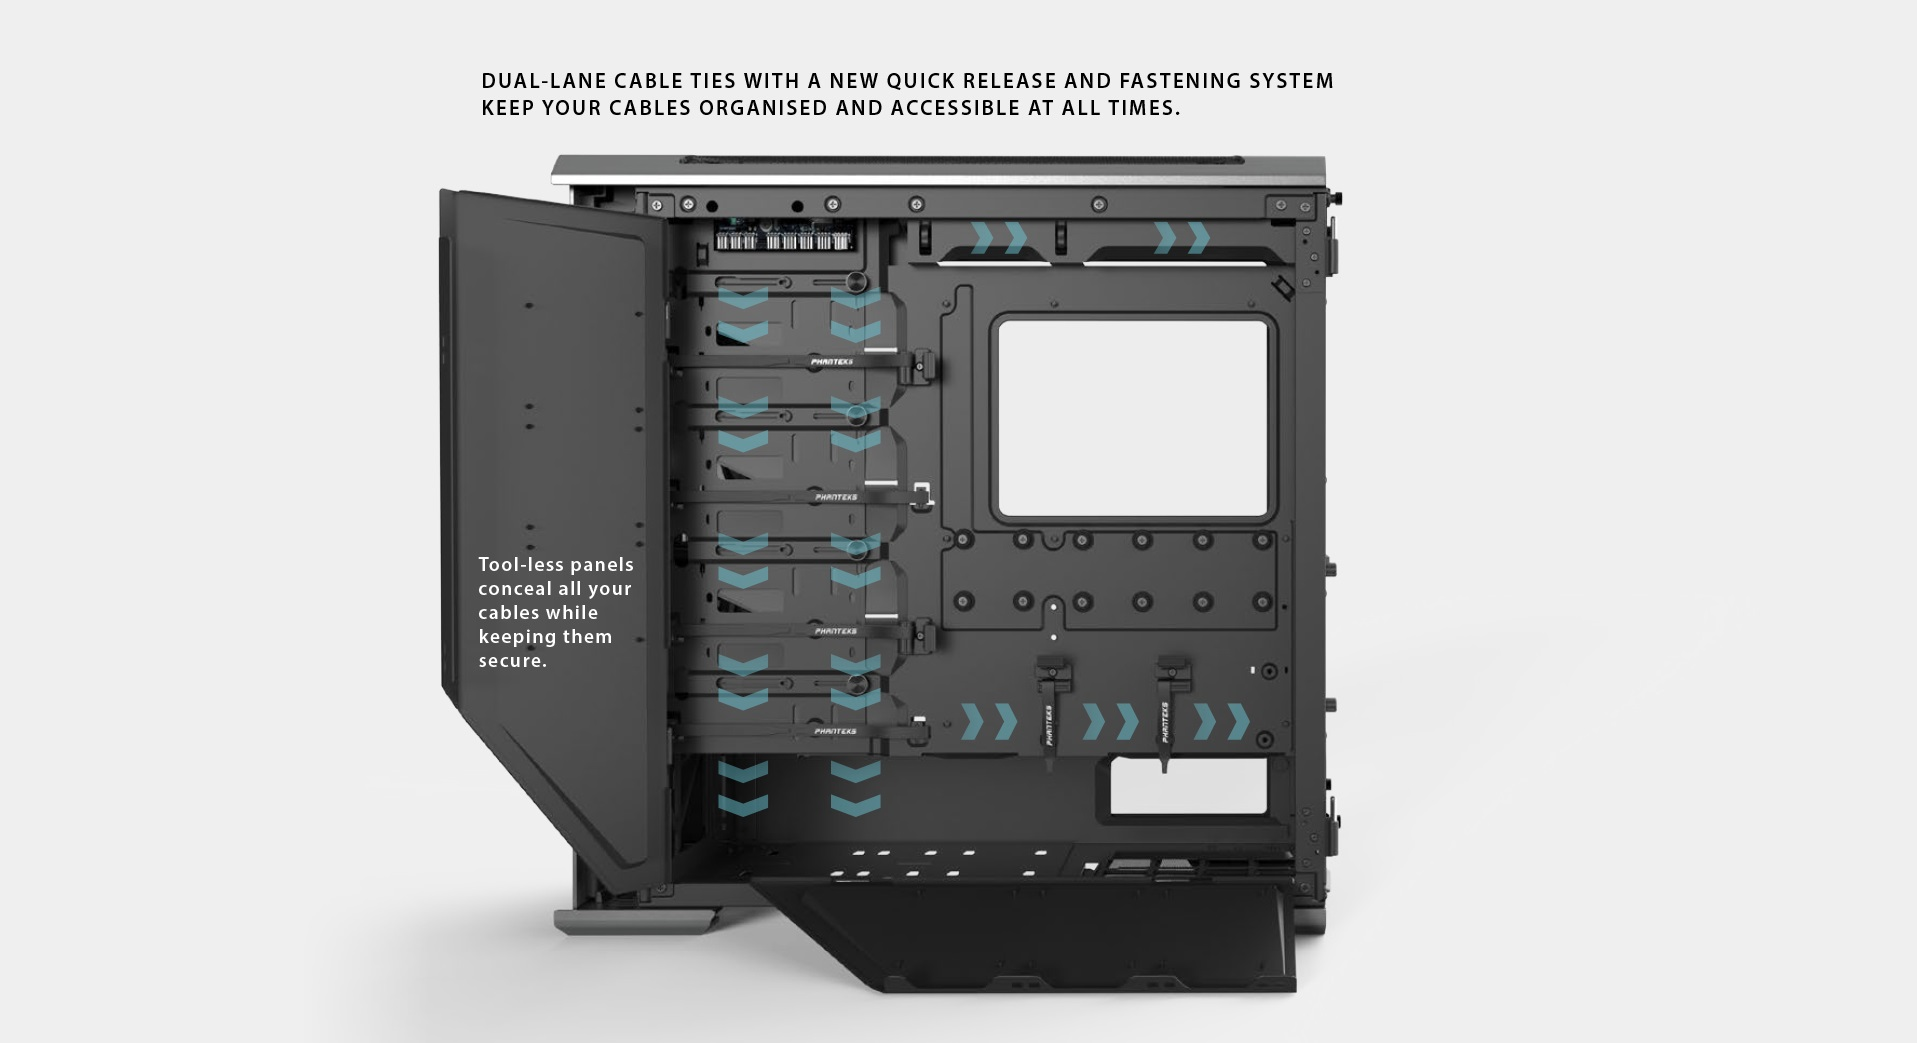 Phanteks Enthoo Evolv X ATX Case, Tempered Glass Window - Black đi dây gọn gàng